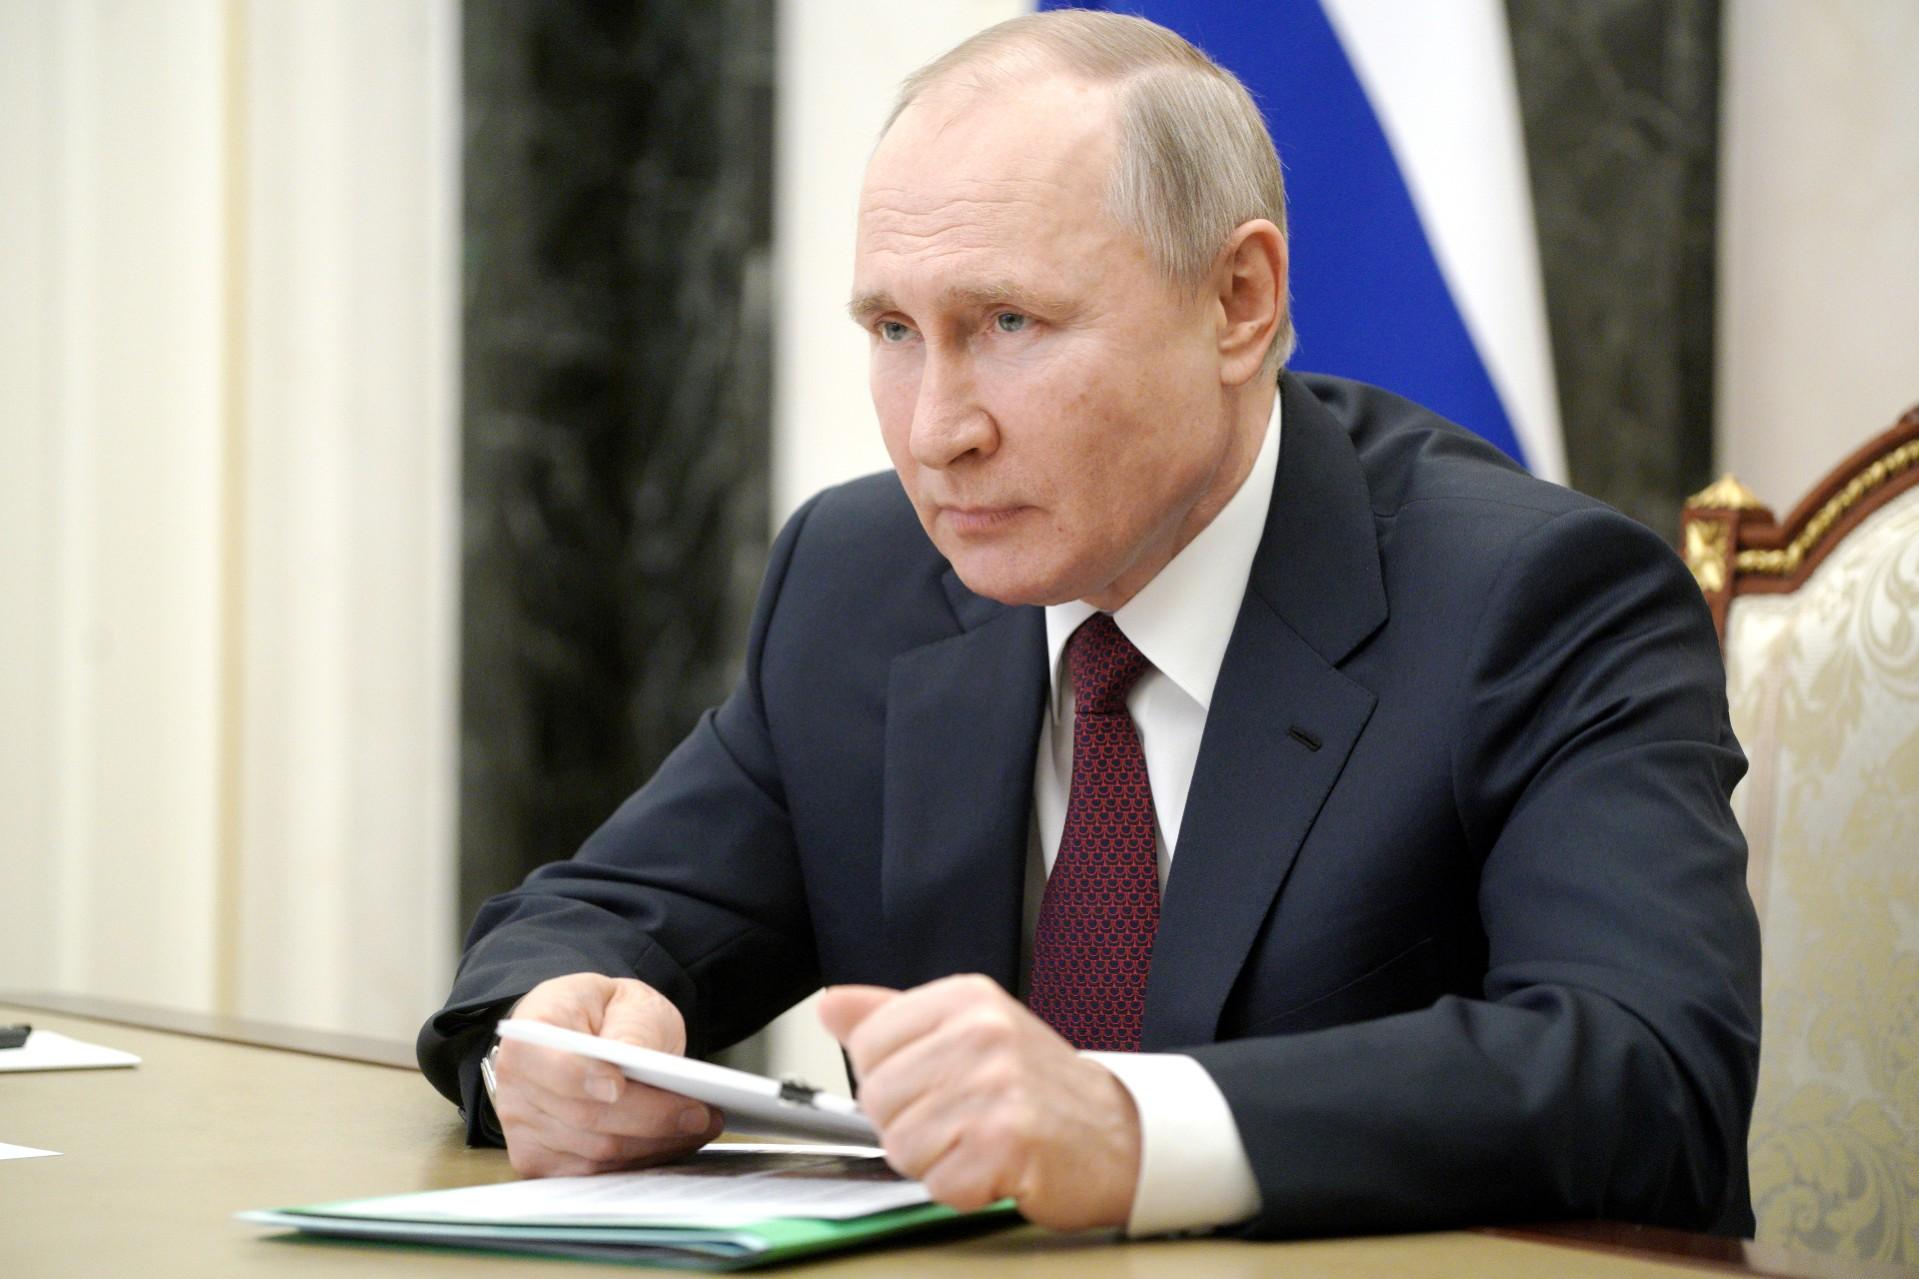 Vladimir Putin. Photo: Alexei DruzhininTASS via Getty Images